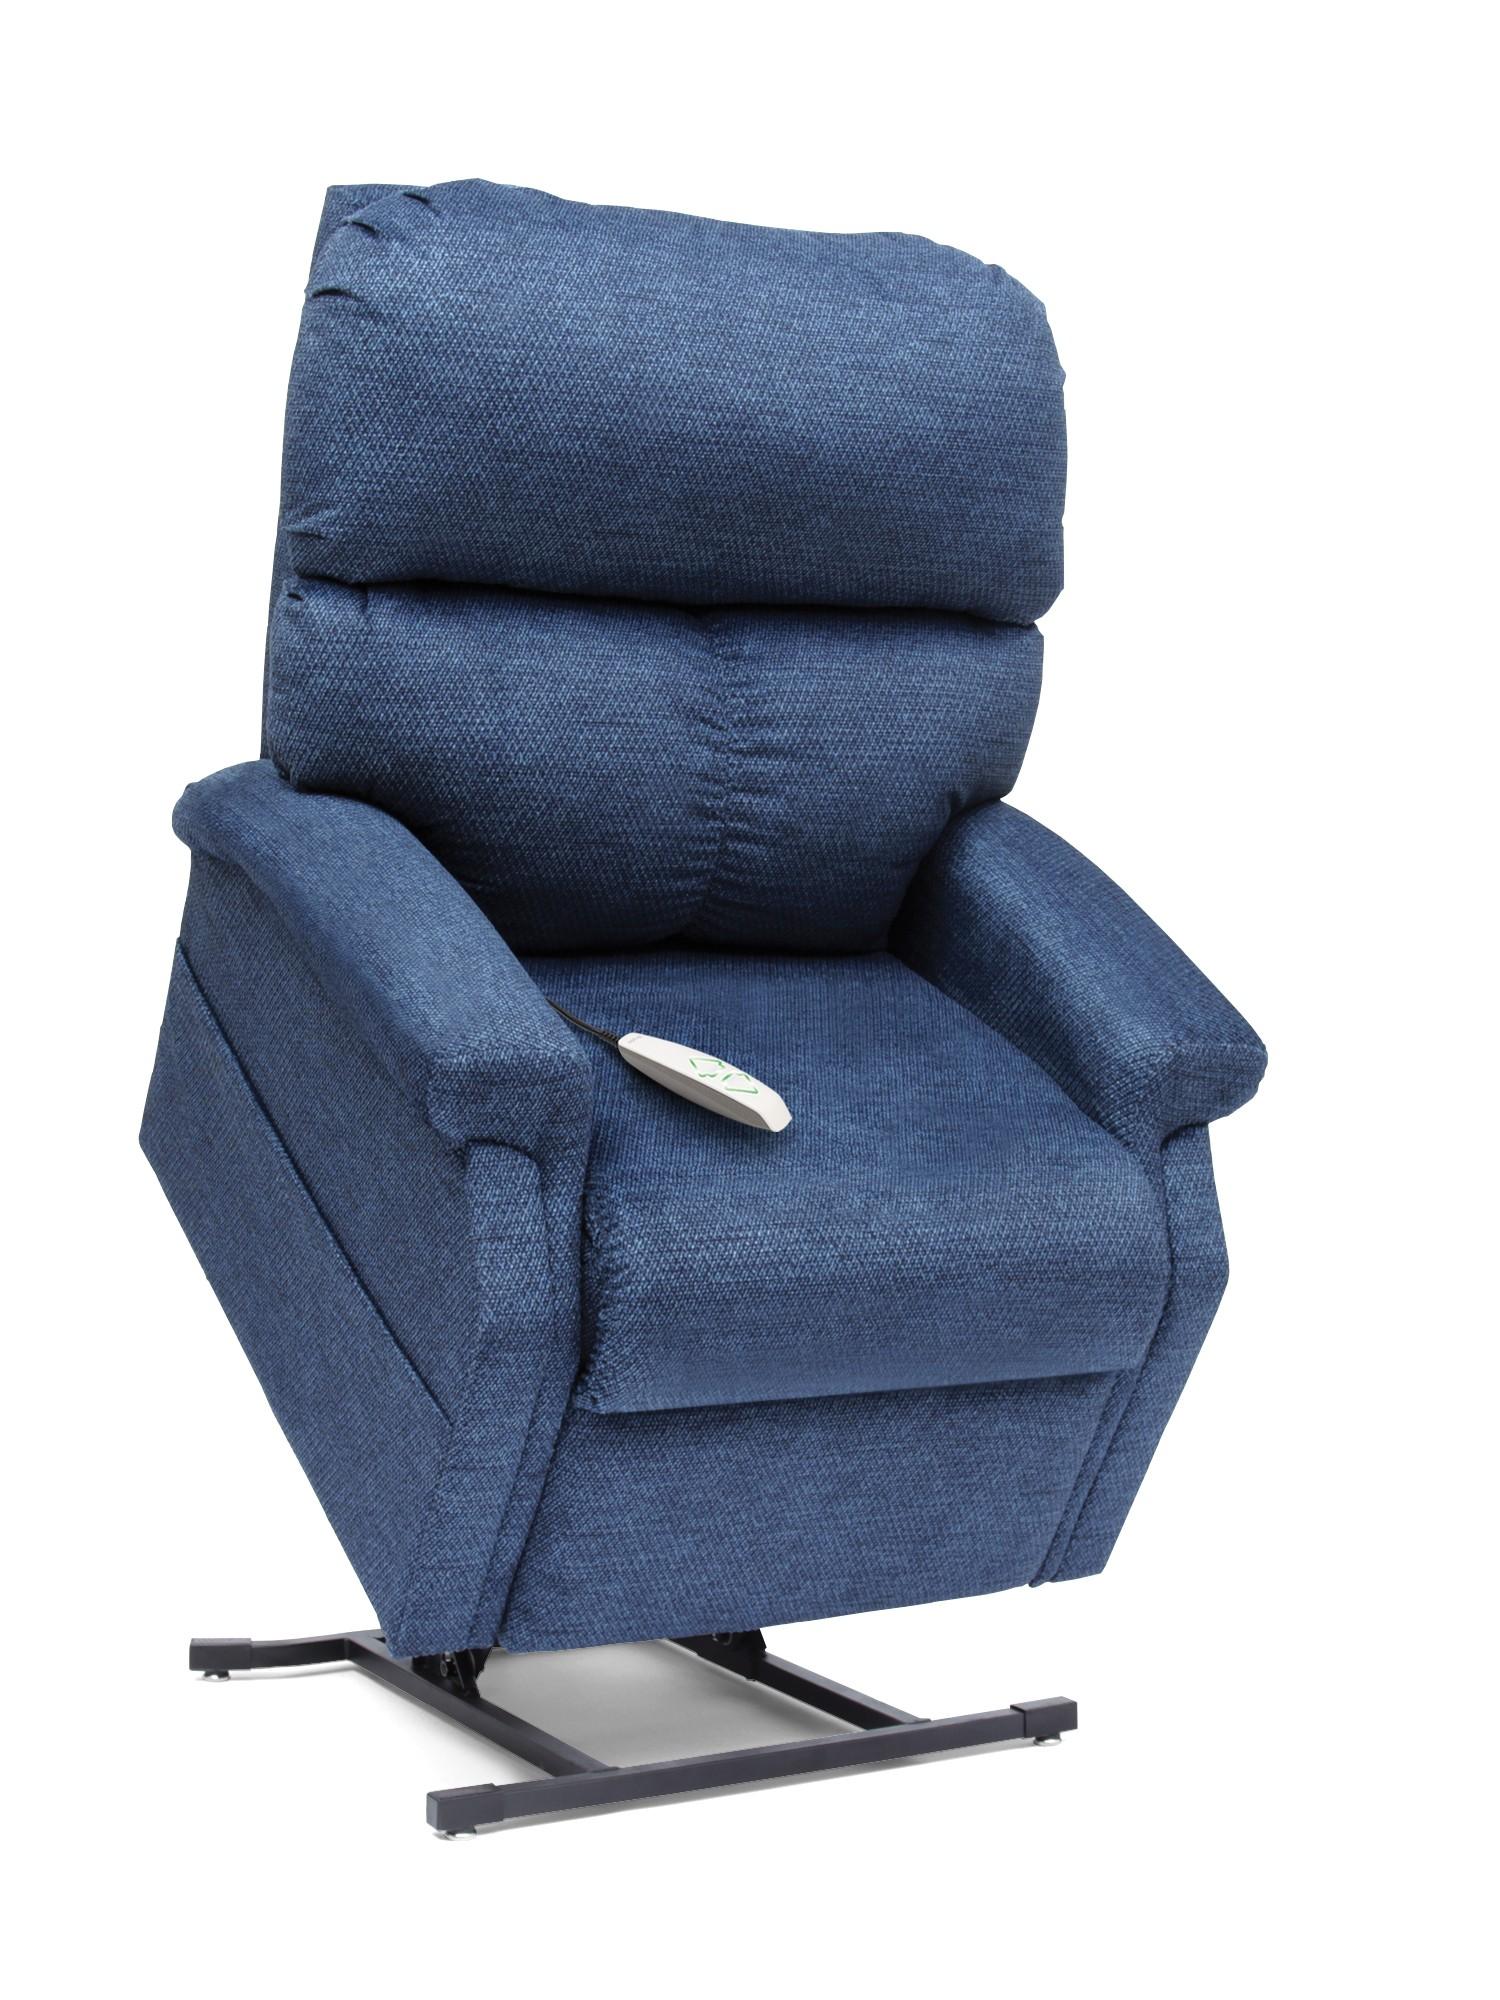 Attractive Bathtub Chair For Elderly Collection Bathtub